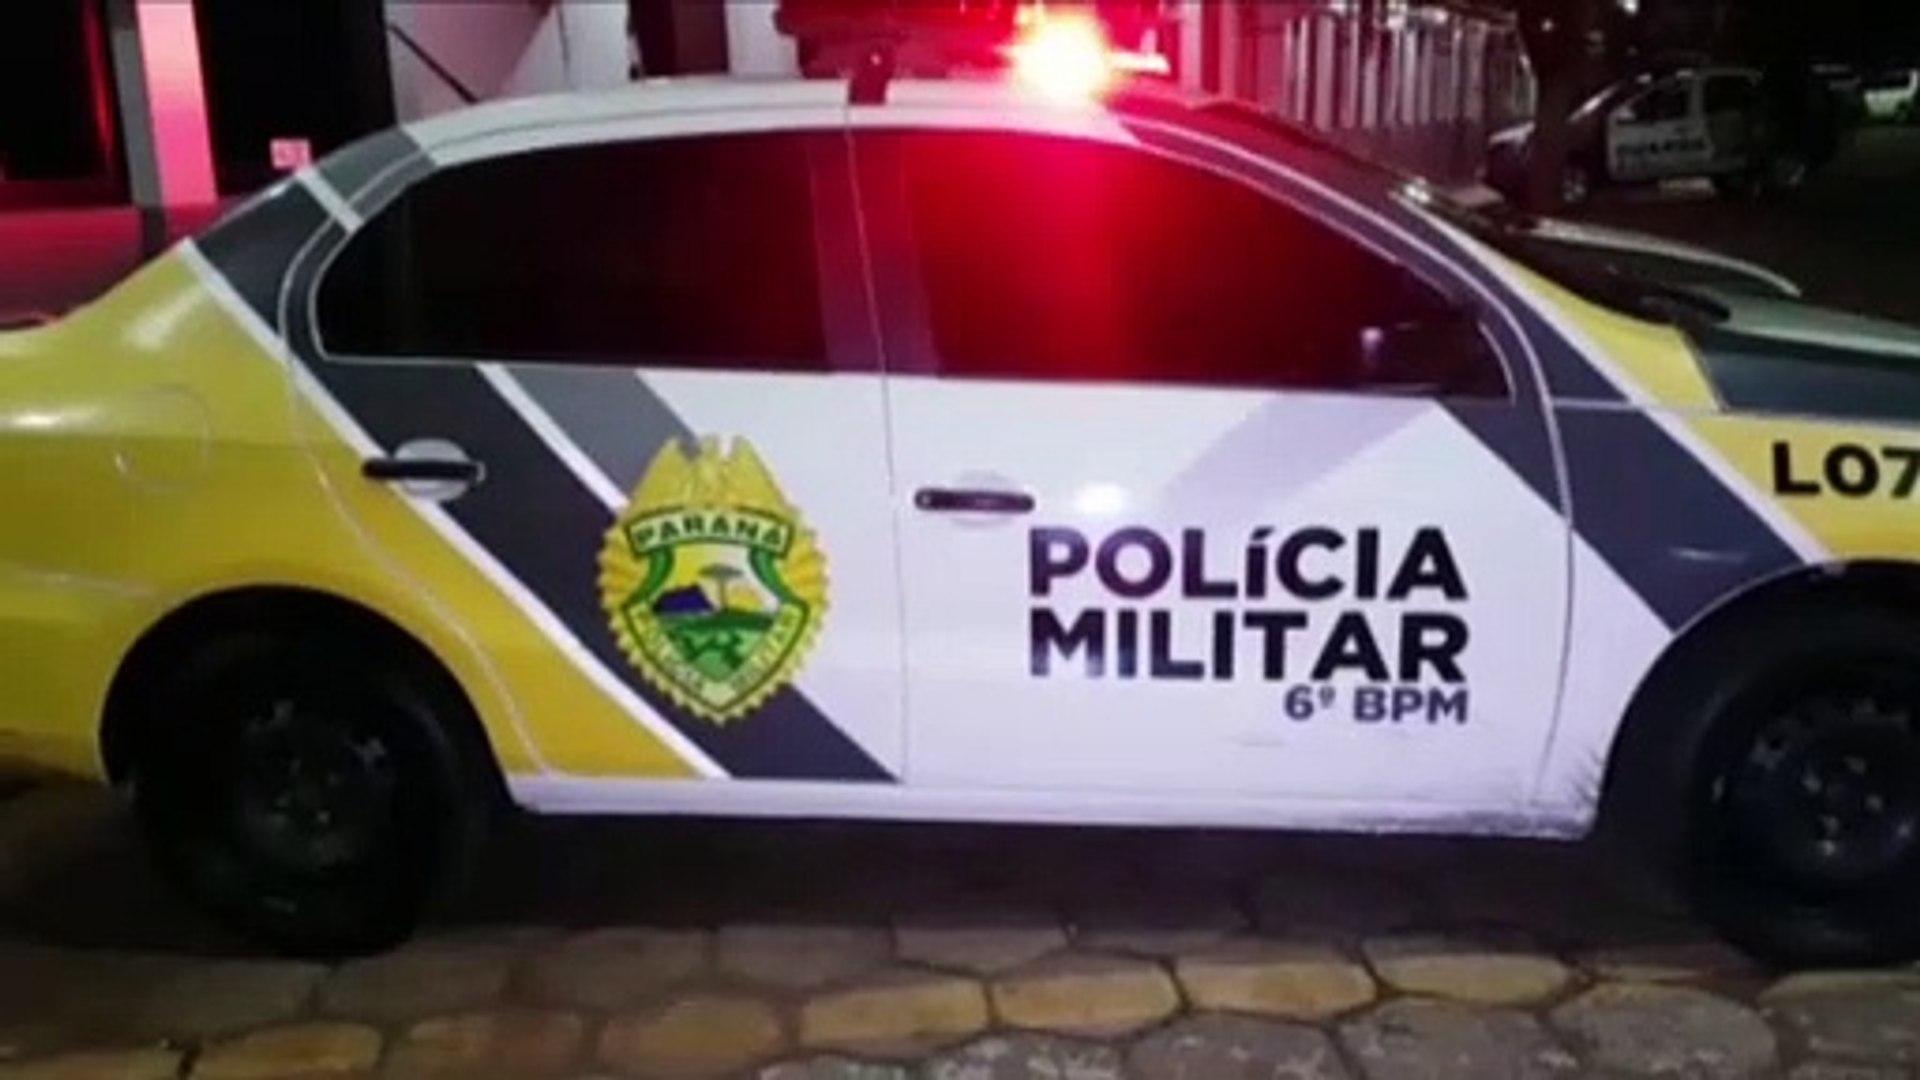 Homem é detido após agredir a esposa e riscar o carro do sobrinho